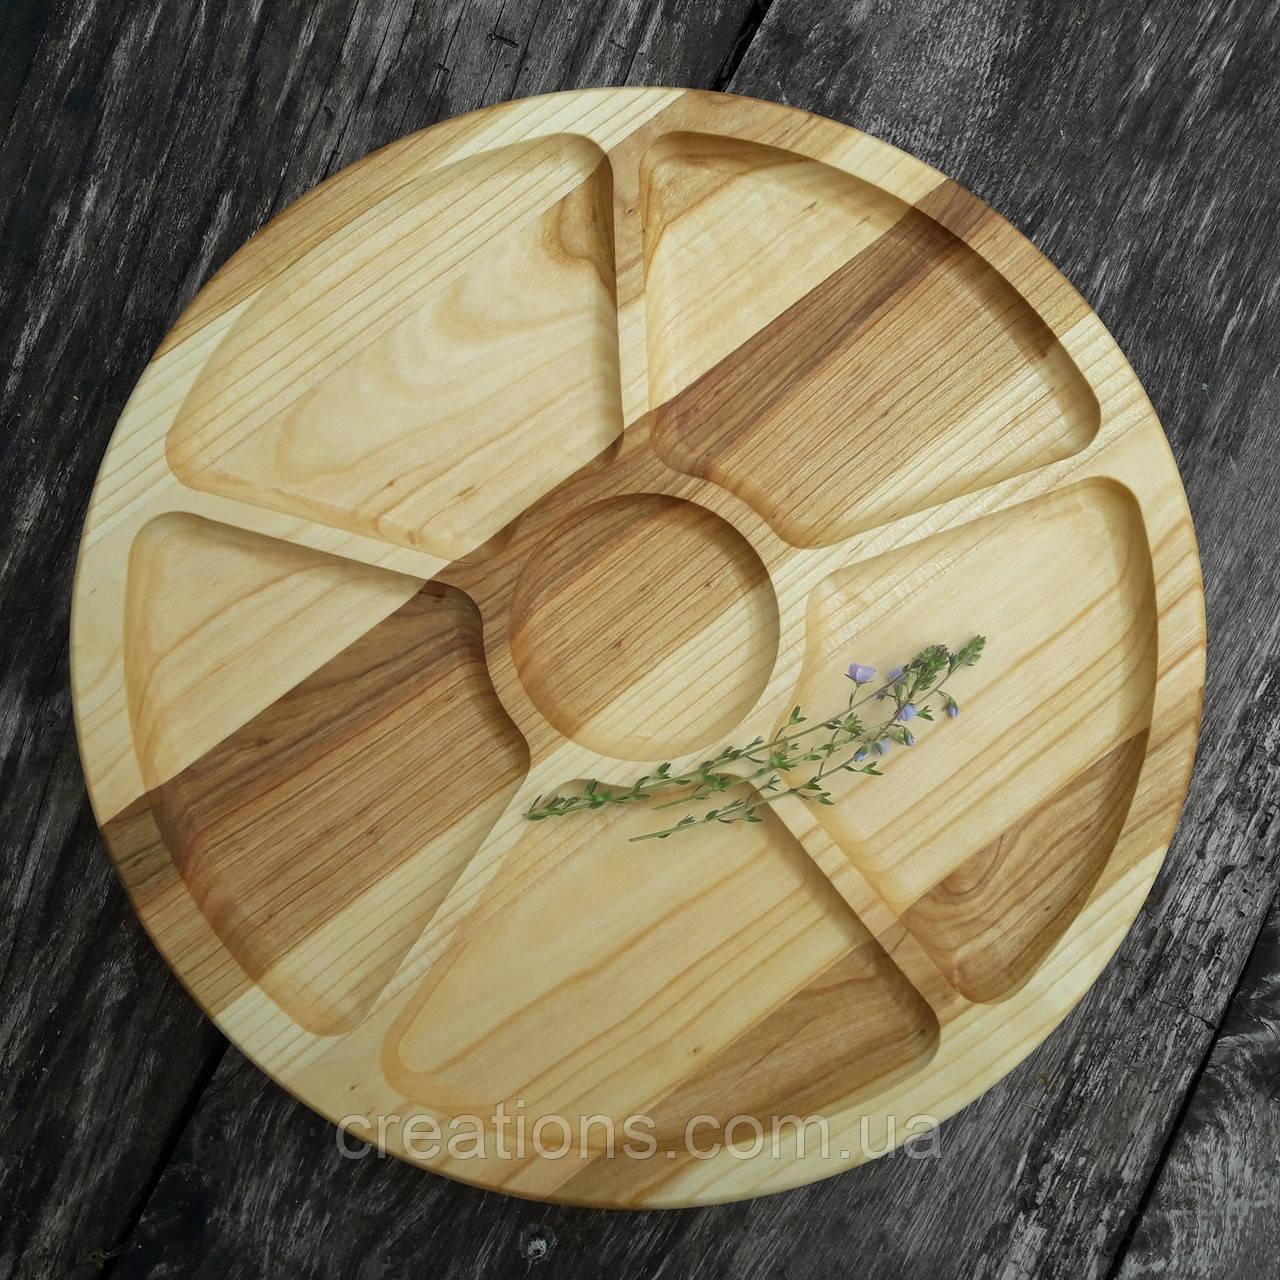 Менажница деревянная 35 см. круглая на 5 секций с соусницей из черешни, ясеня